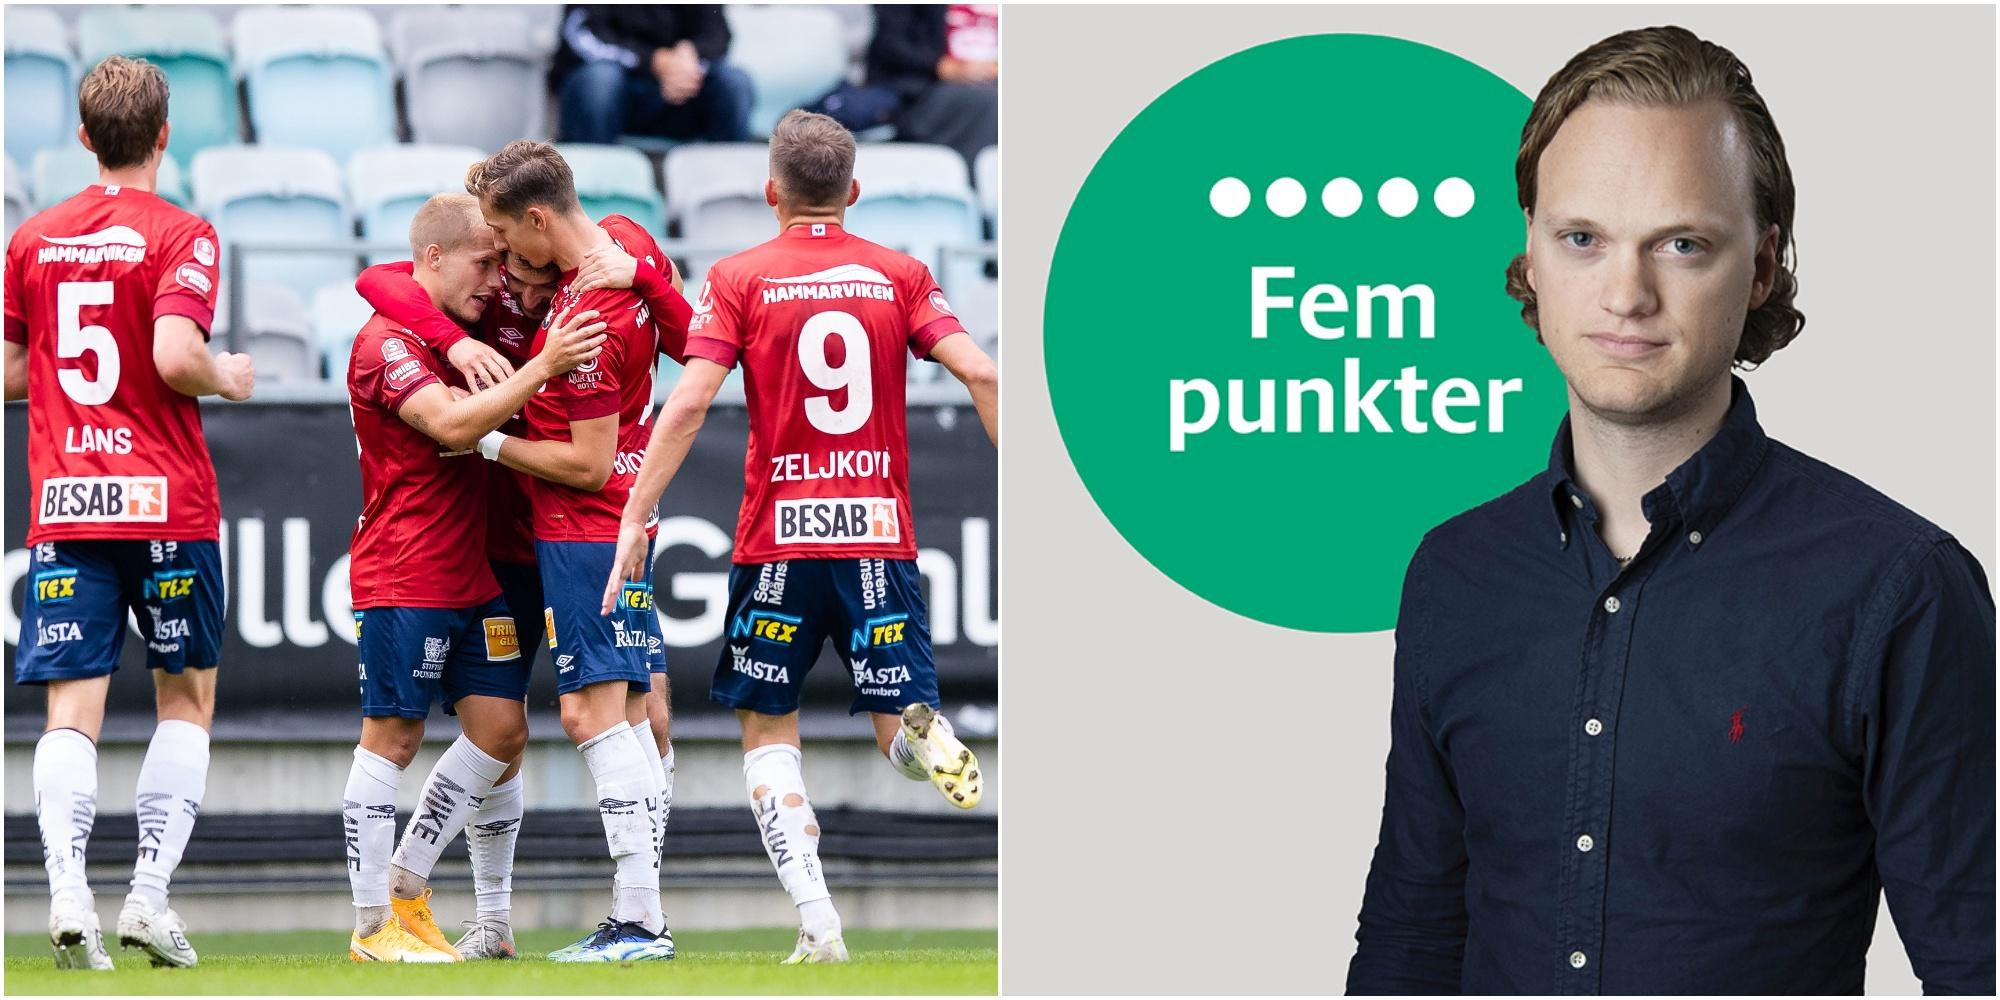 Fem punkter efter Gif Sundsvall–Öis